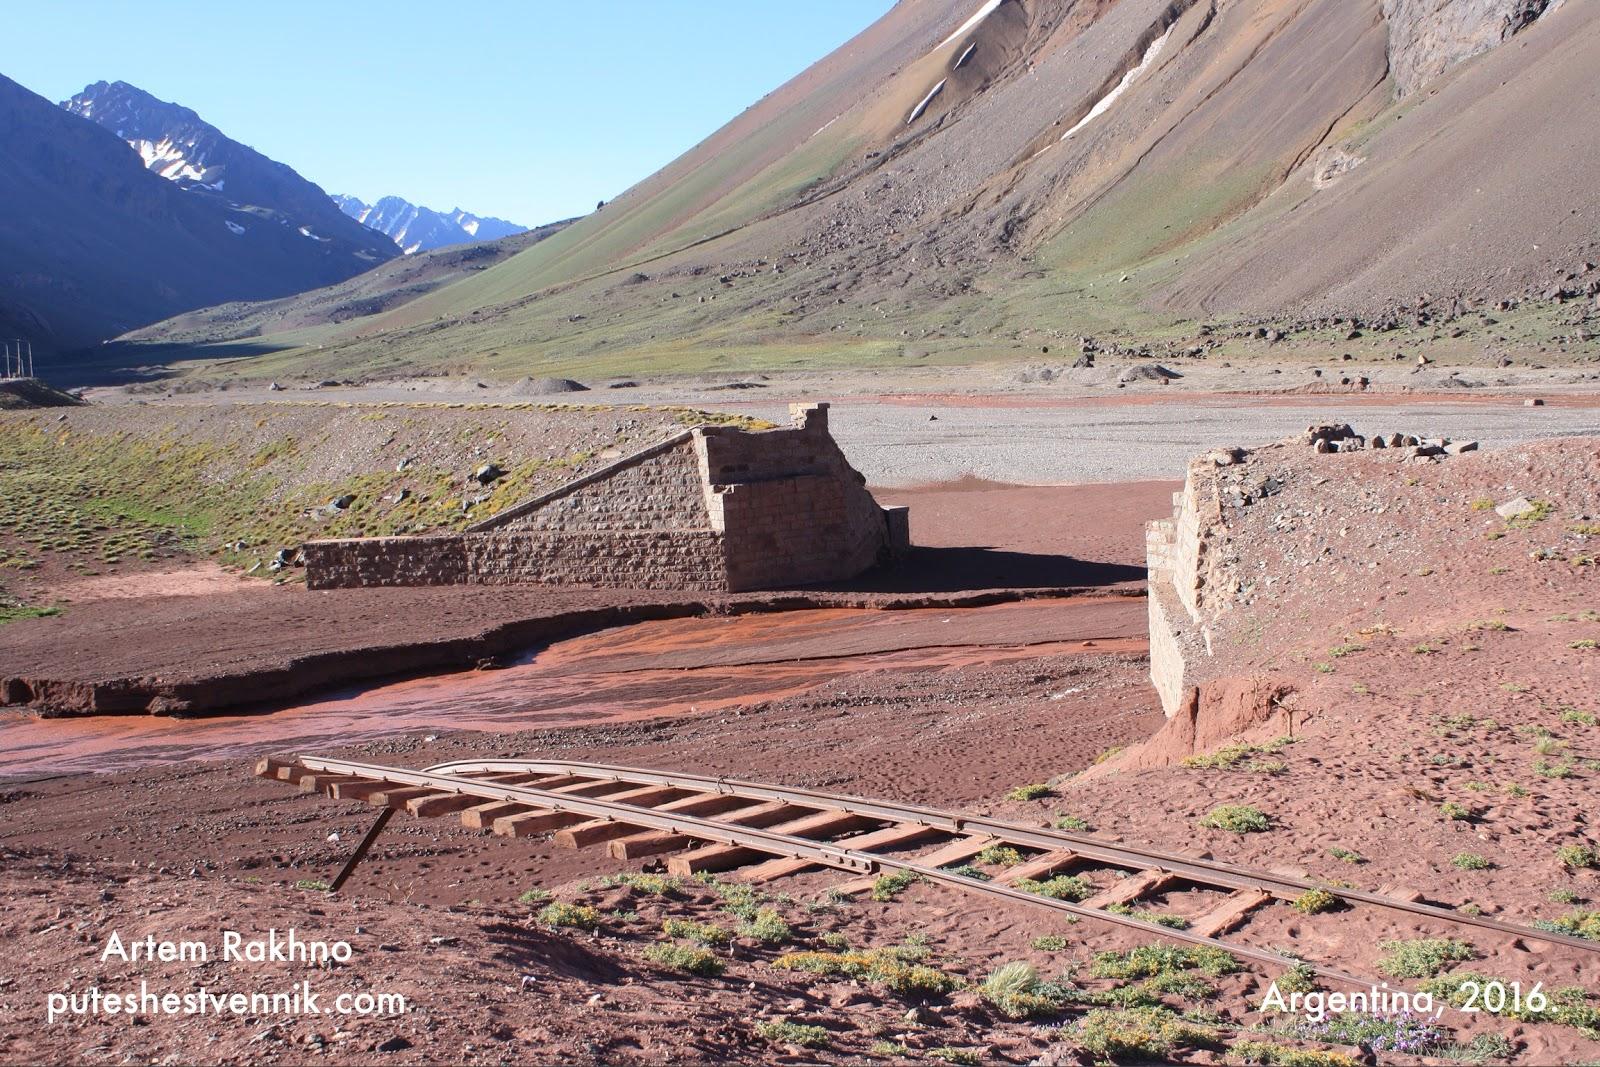 Заброшенная железная дорога в Аргентине